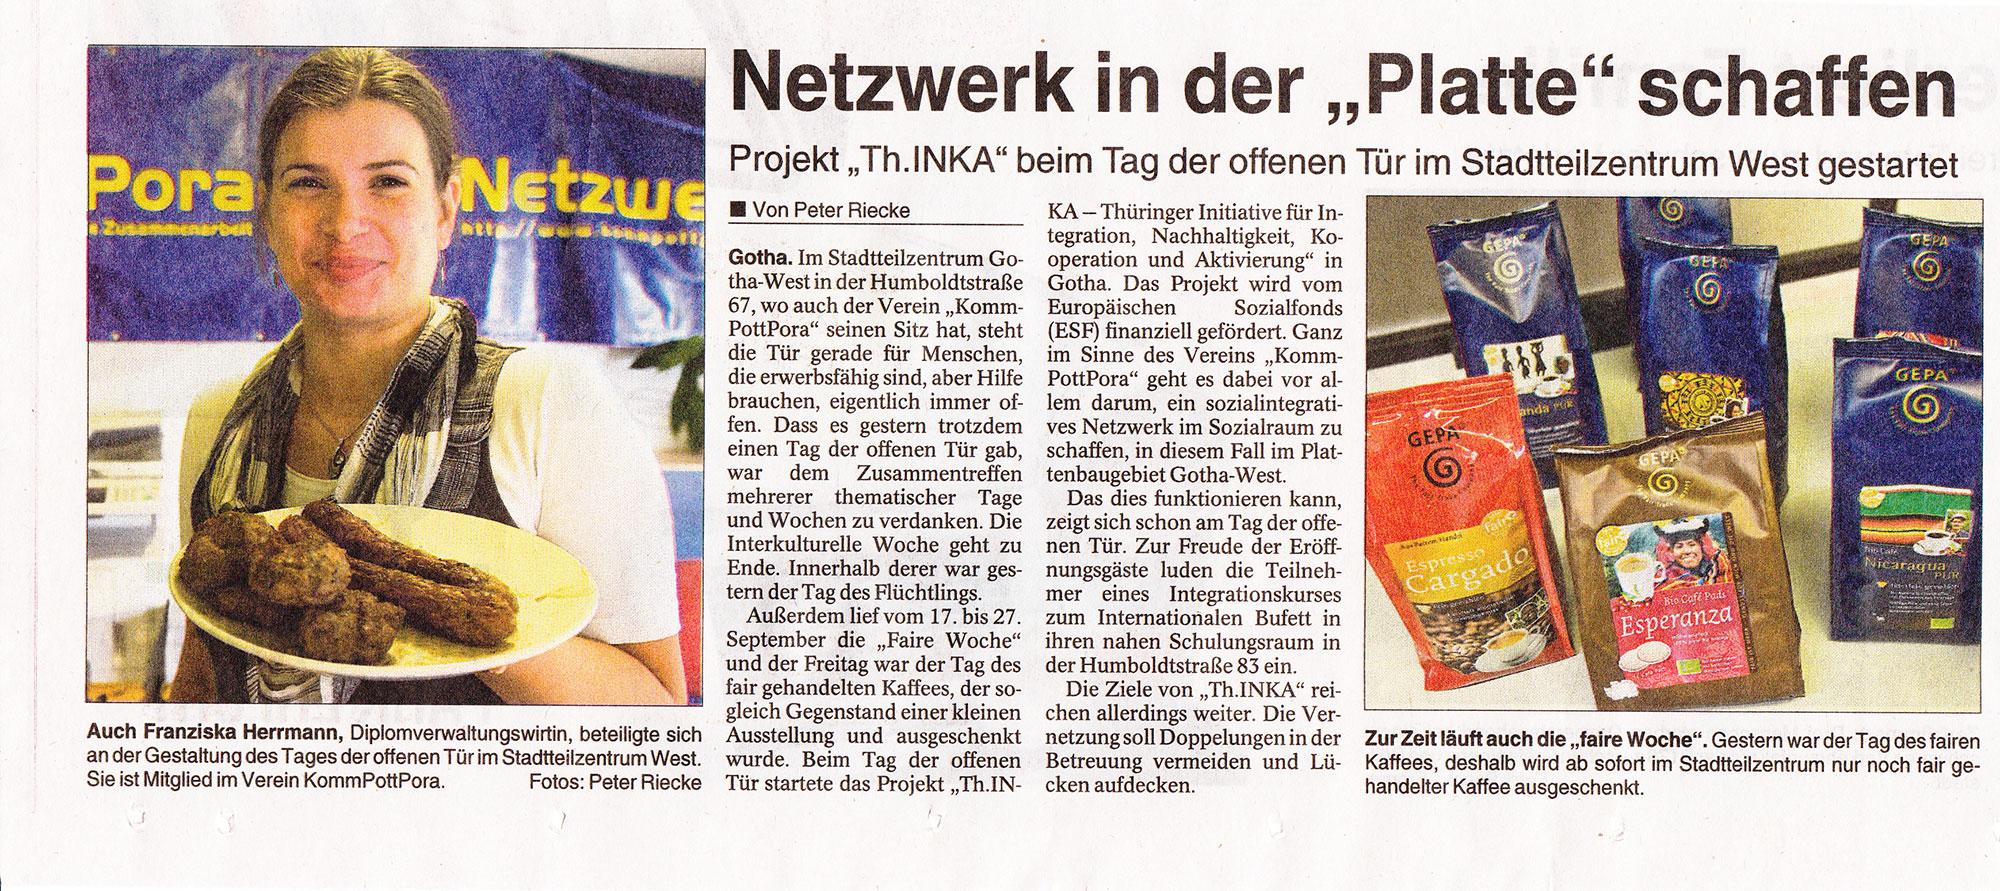 th.inka Stützpunkt Gotha - News: TLZ 20130928